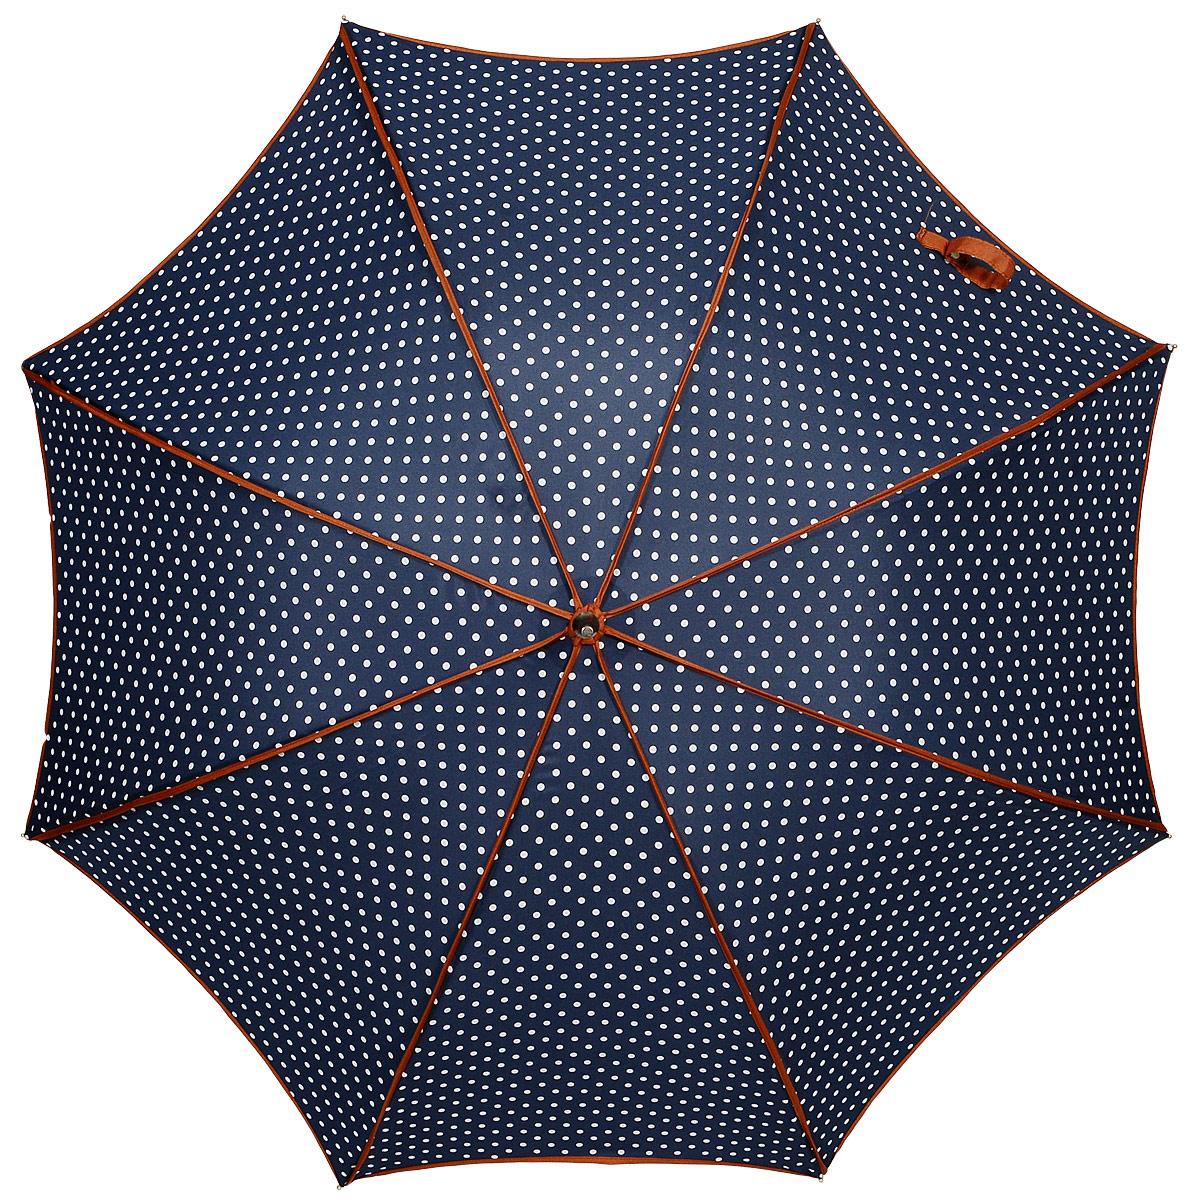 Зонт женский Kawaii Factory Кокетка, цвет: темно-синий. KW042-000110KW042-000110Стильный механический зонт Kawaii Factory Кокетка даже в ненастную погоду позволит вам оставаться стильной и элегантной. Каркас зонта из металла состоит из восьми спиц, оснащен удобной рукояткой. Купол зонта выполнен из прочного полиэстера. Закрытый купол фиксируется хлястиком на кнопке.